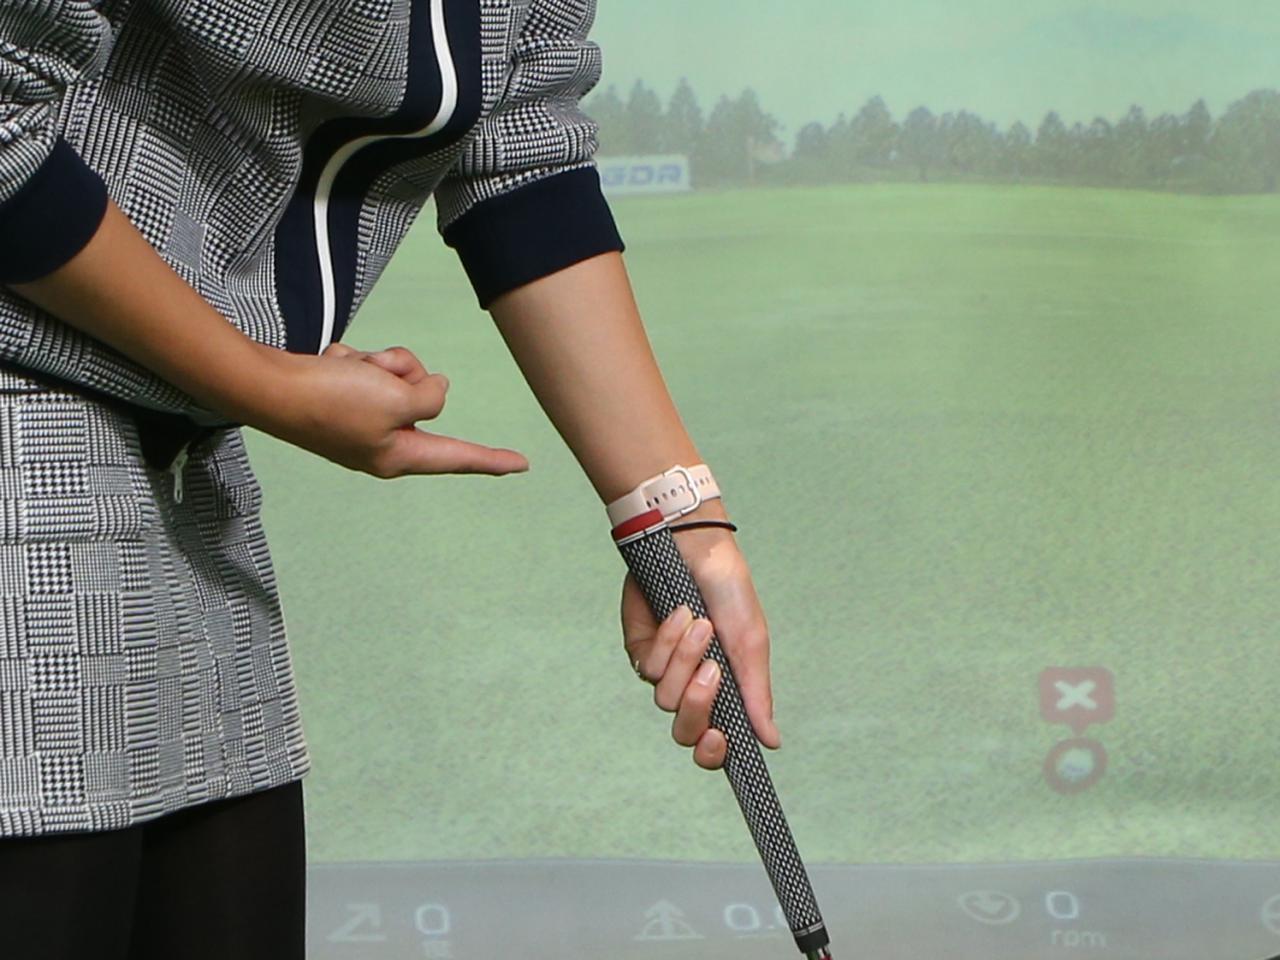 画像: パターは指ではなく手のひらで握るのが正解。左手は、手首の中心にパターグリップが位置するように握ろう